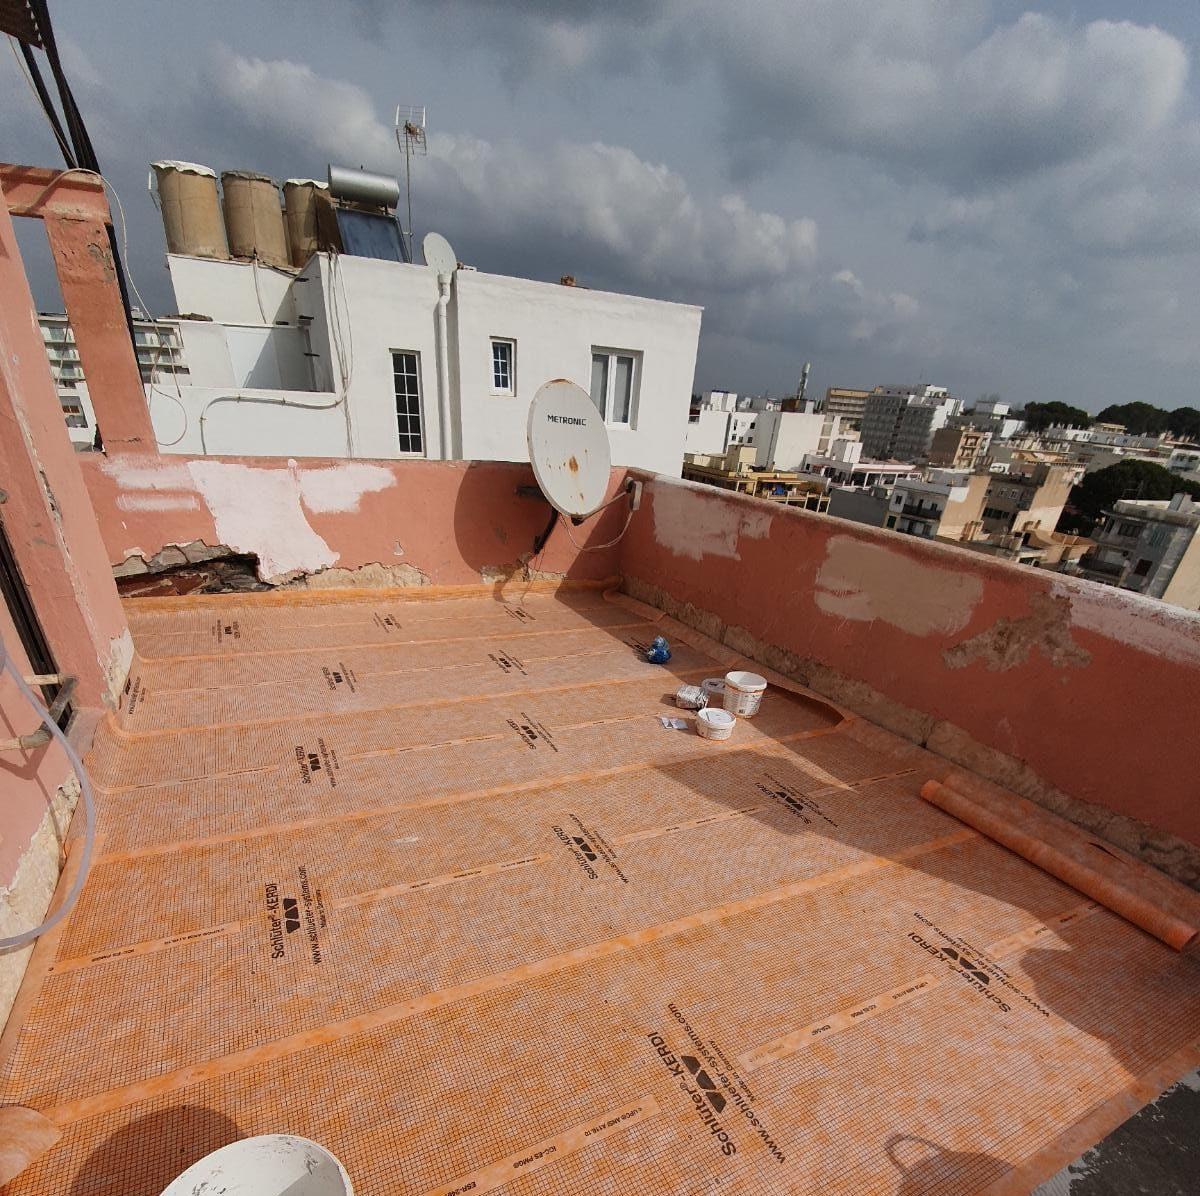 impermeabilizaciones contra la humedad y el agua en Palma de Mallorca